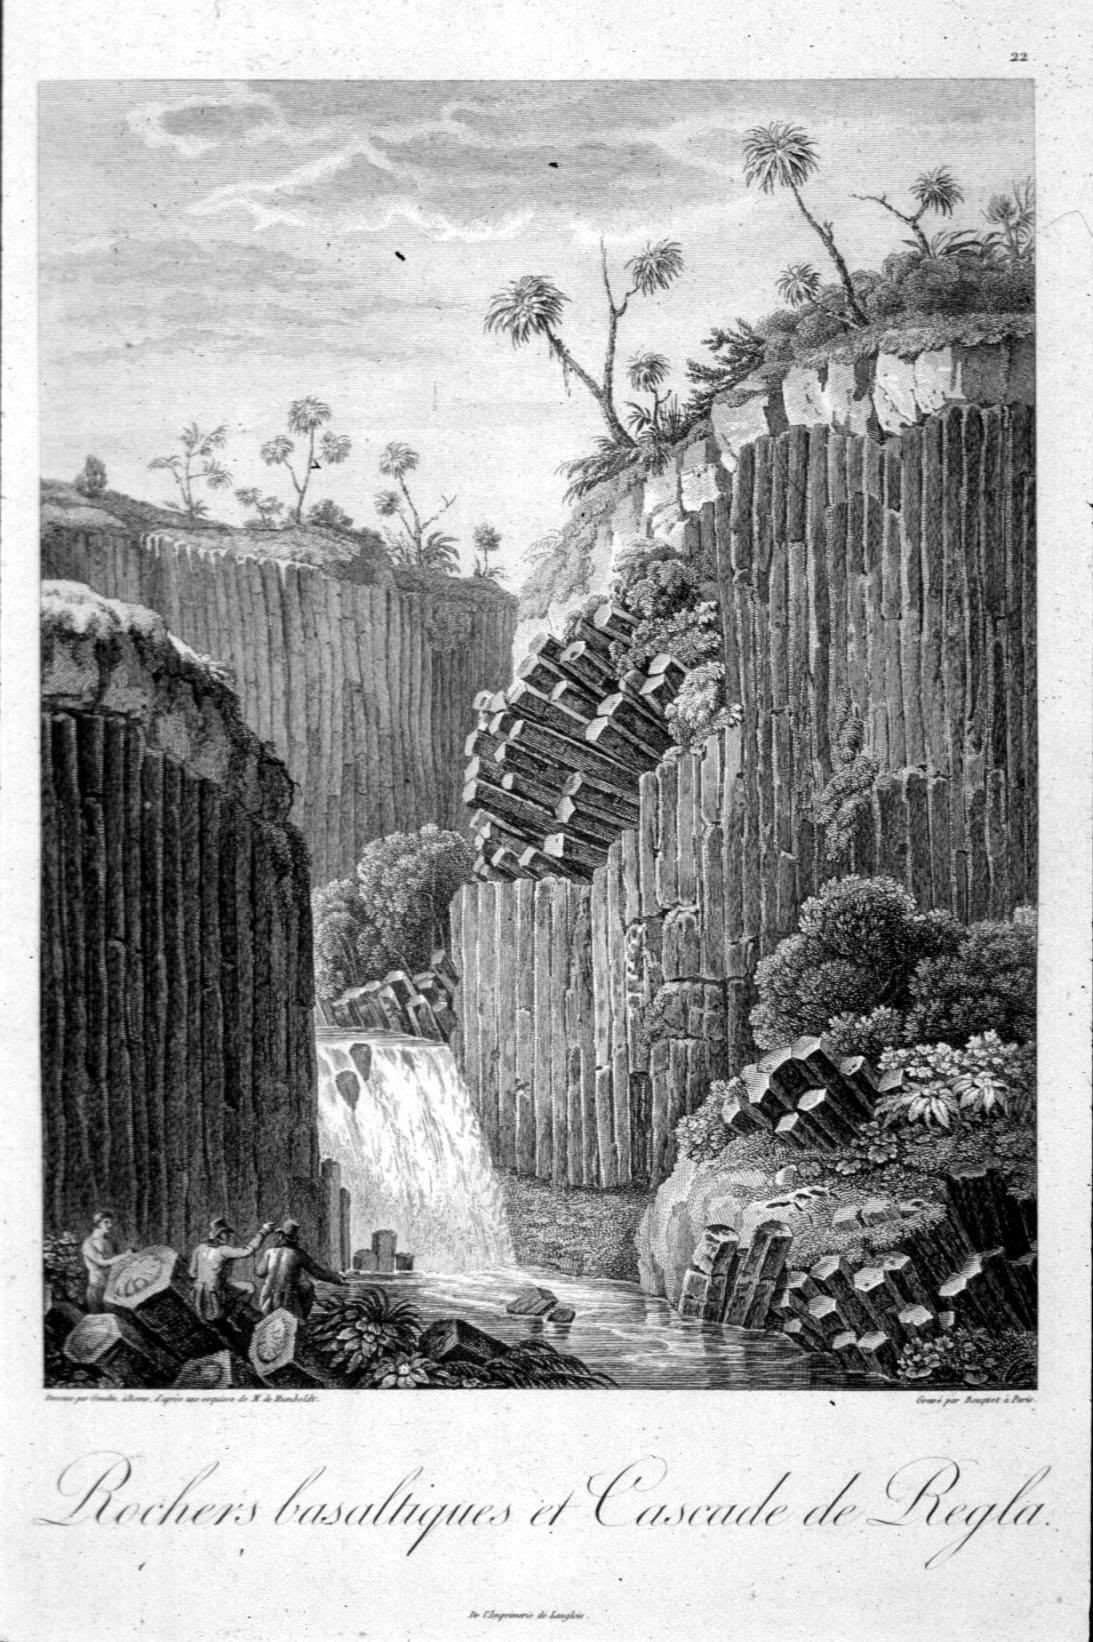 Grabado de Alexander von Humboldt que hoy se haya en el Museo Británico de Londres.